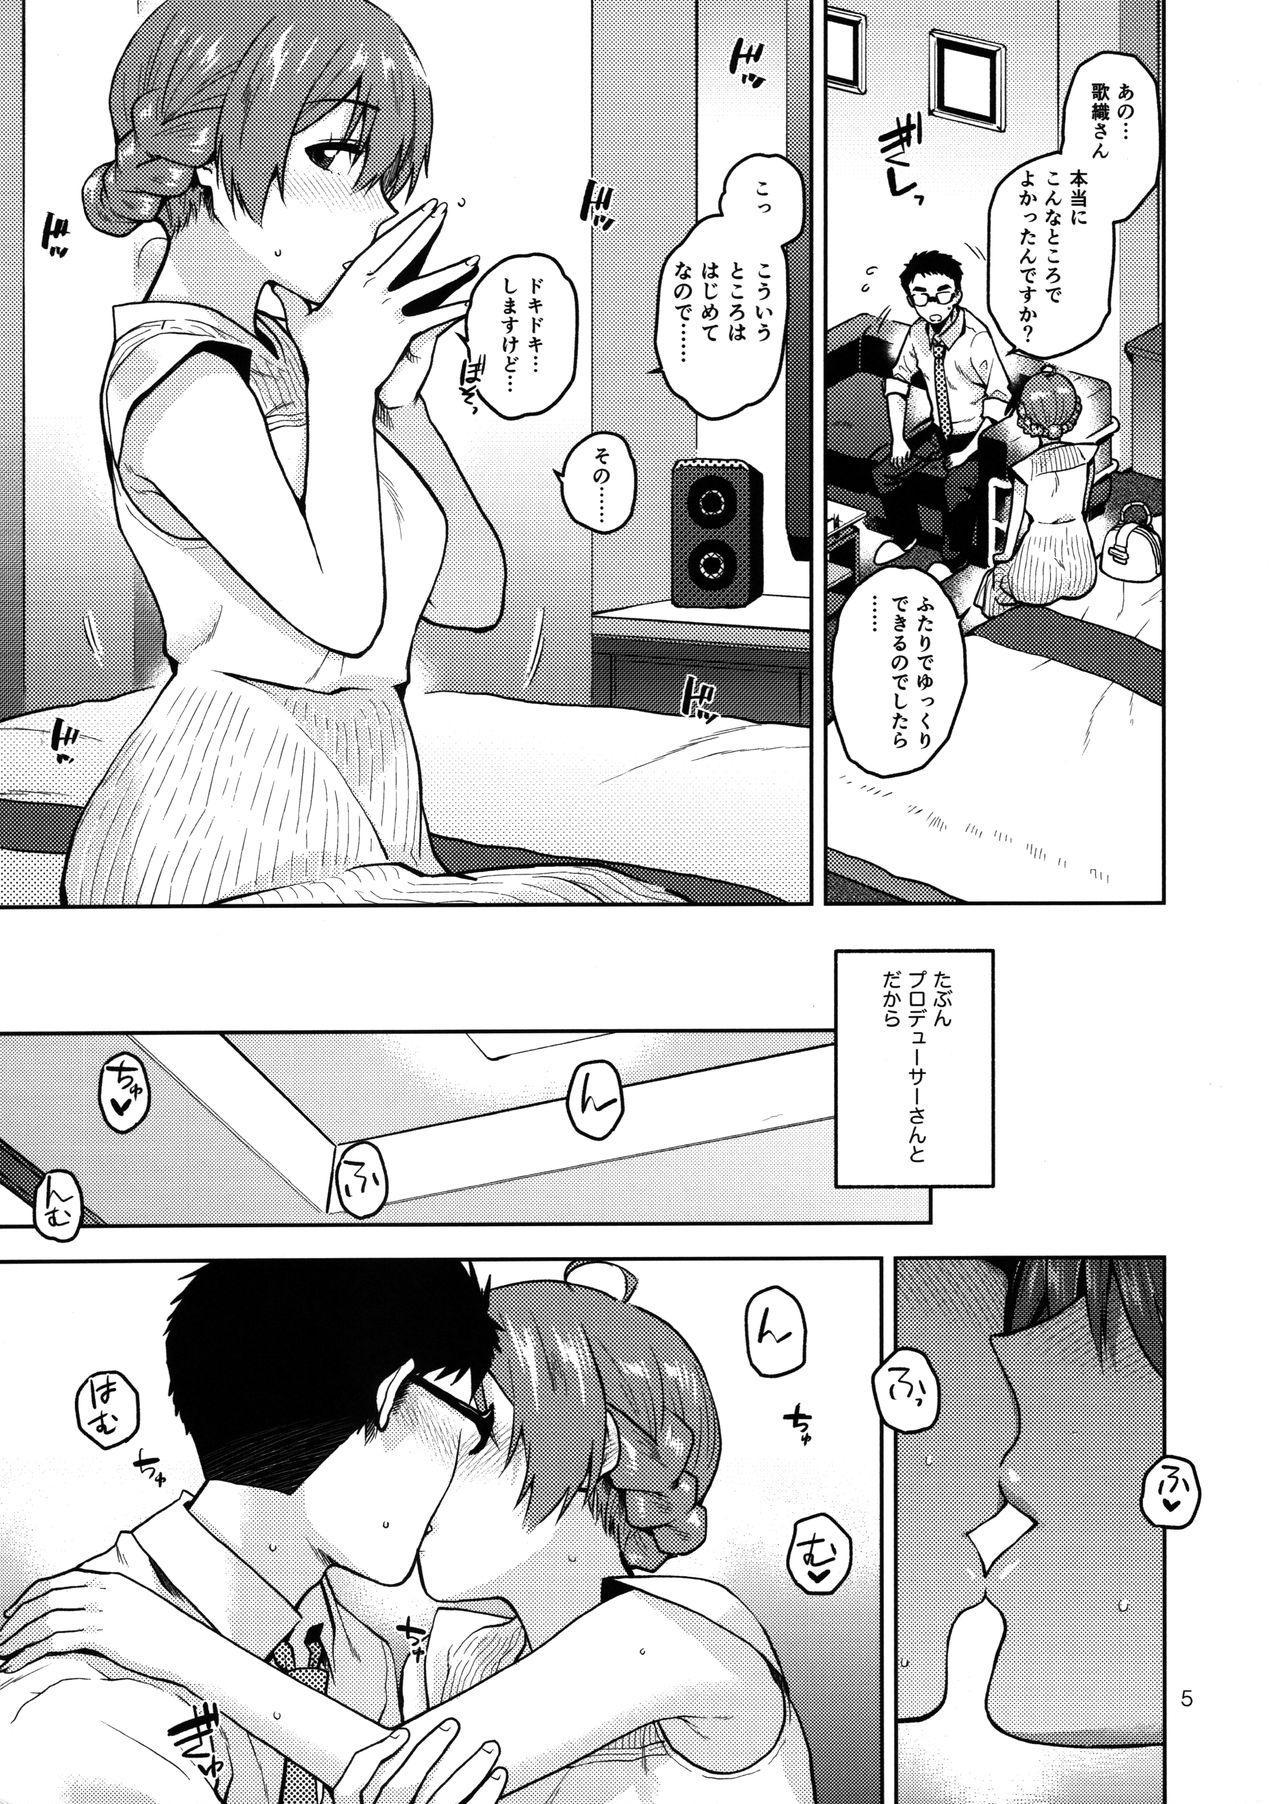 Watashi Datte Otona nandesu + Omake 5